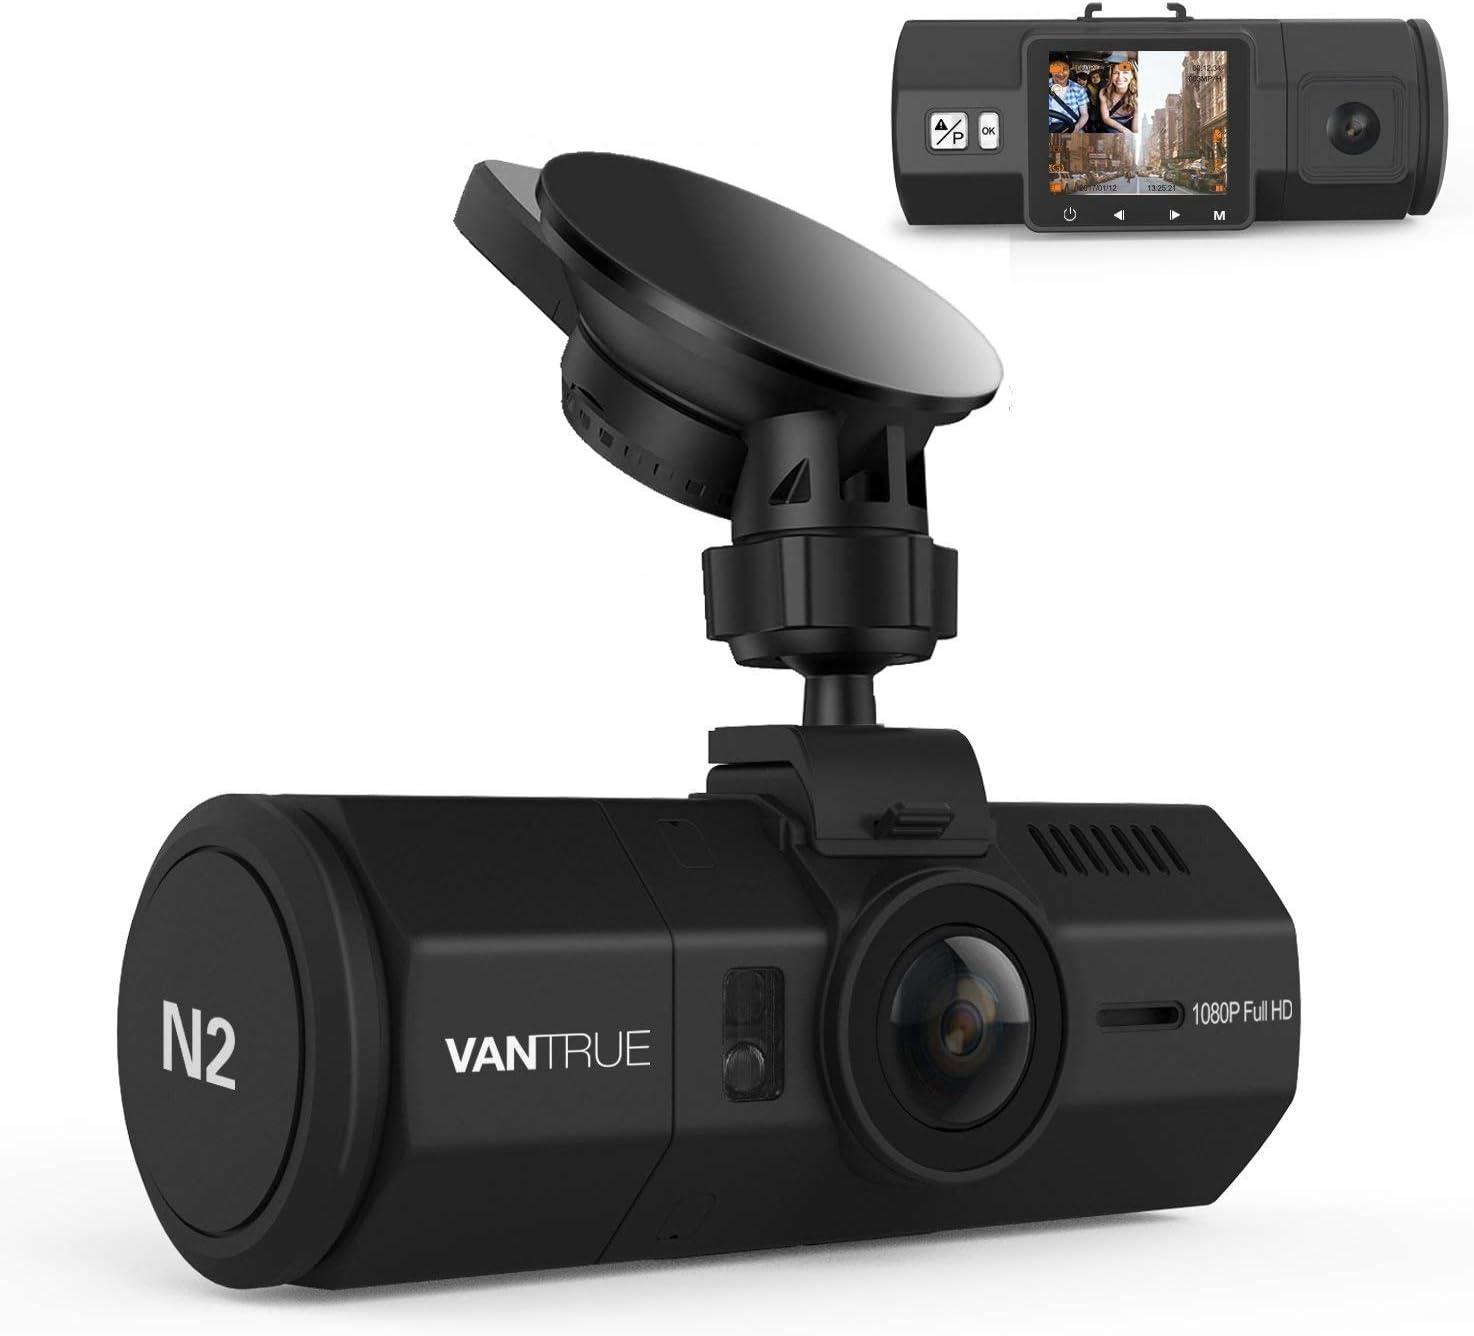 Vantrue N2 Dual Dash Cam FHD 1080P Frontal y trasera Dashcam para automóviles, 1.5